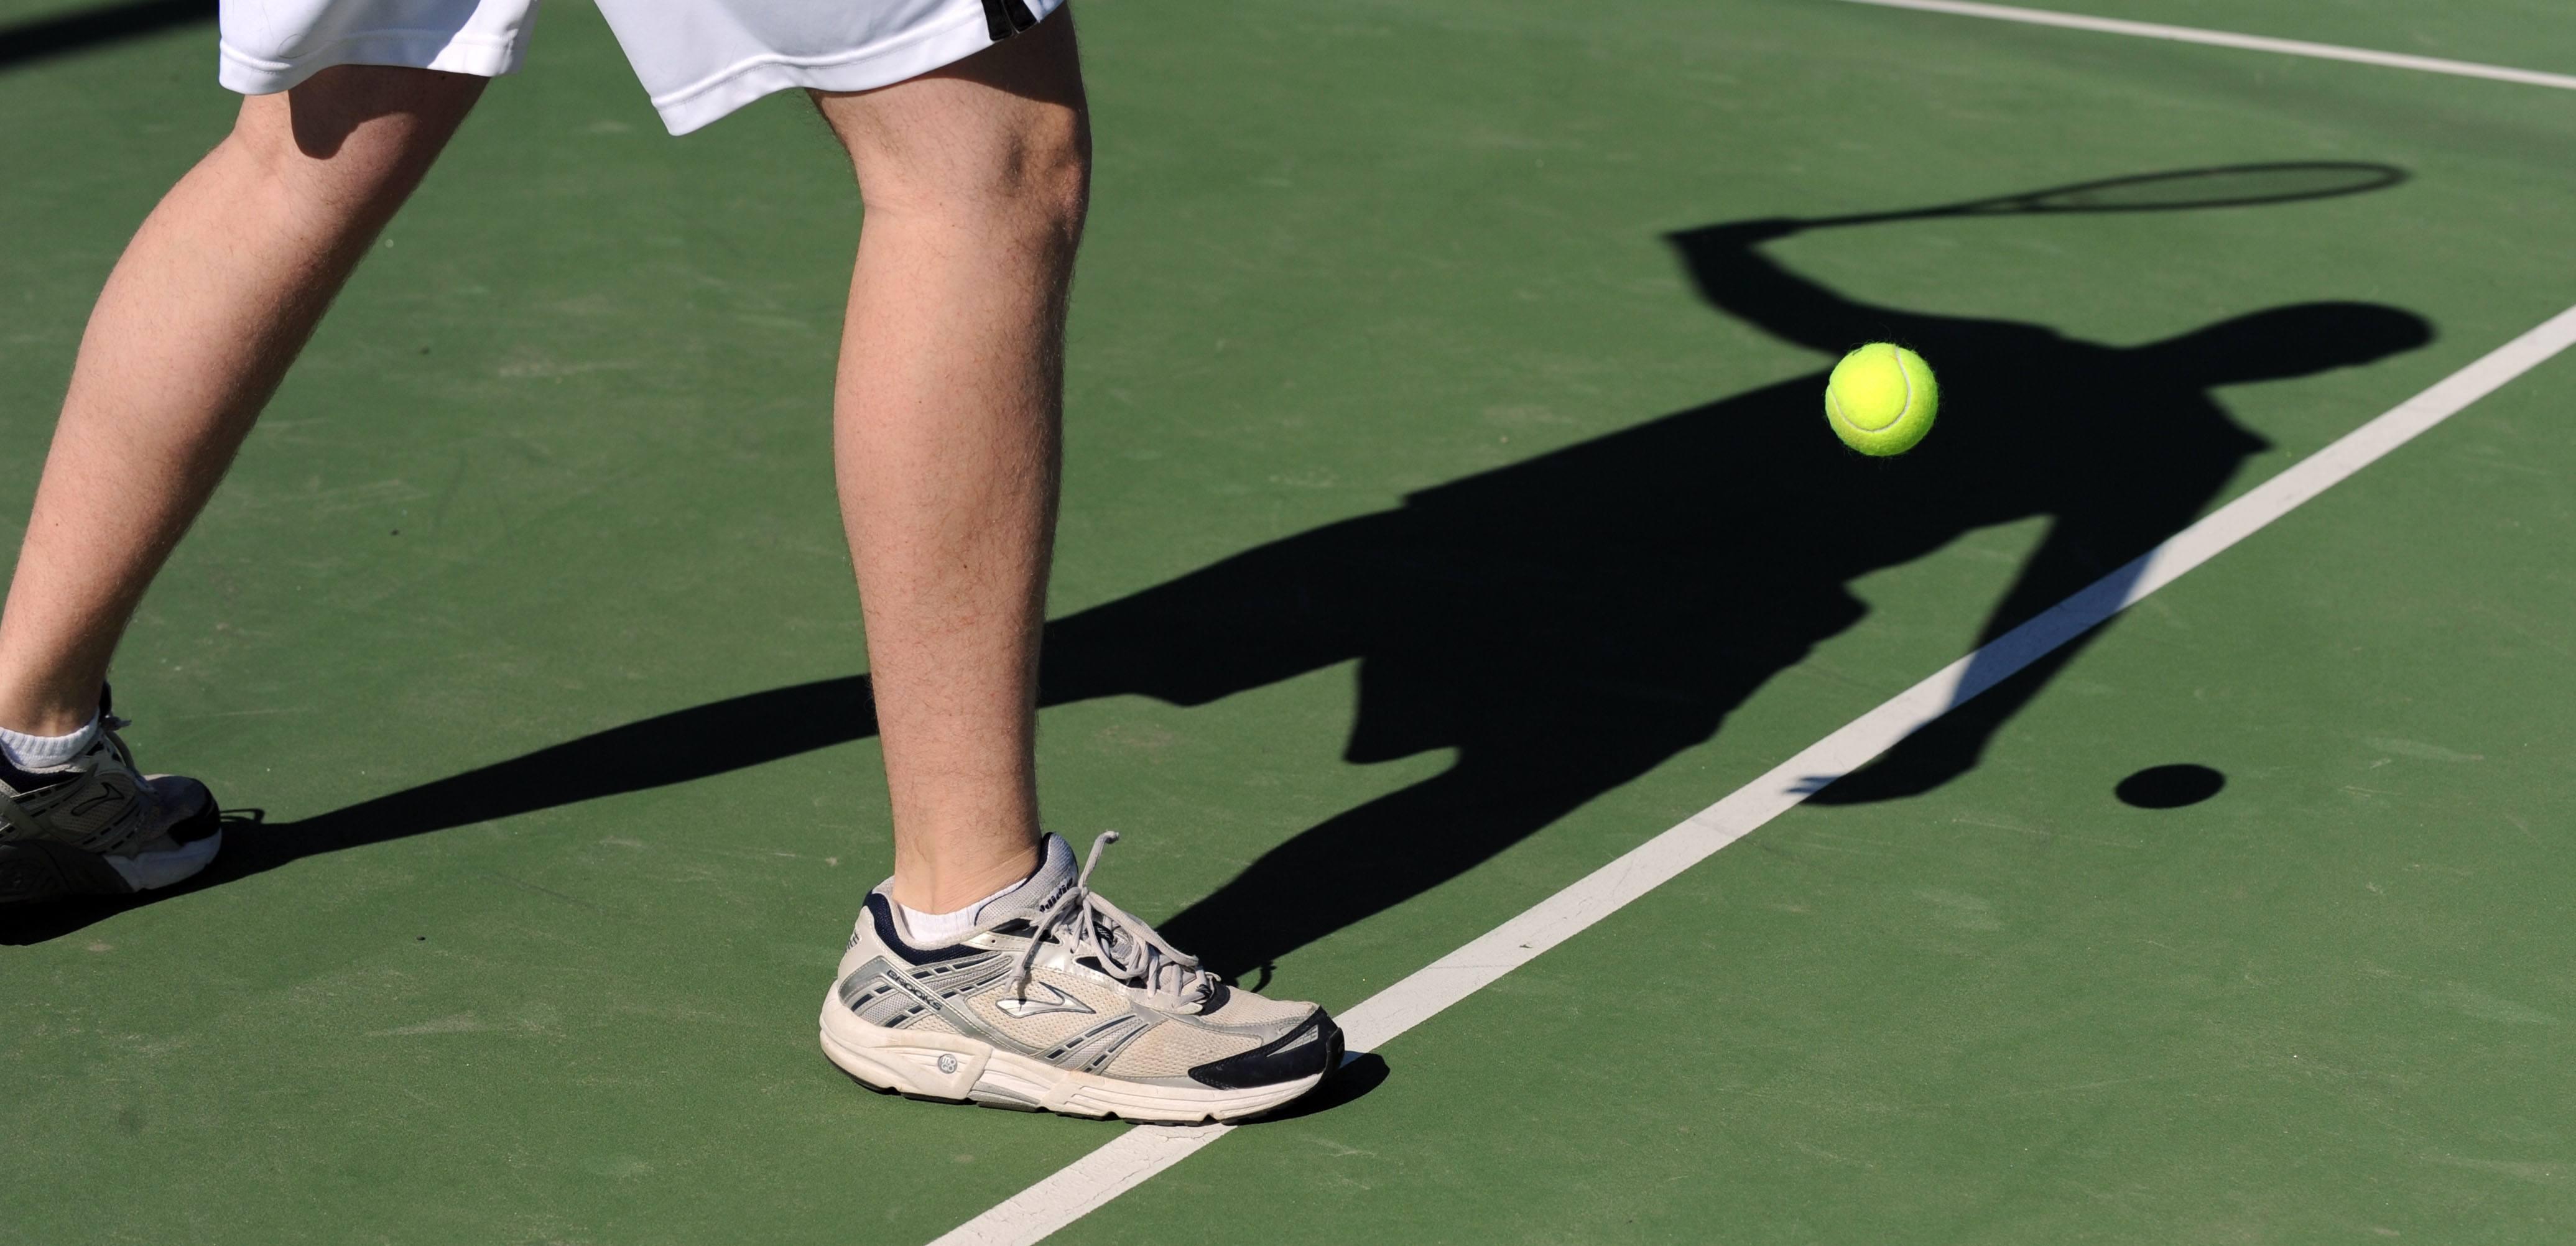 Tennispielerbeine auf dem Platz